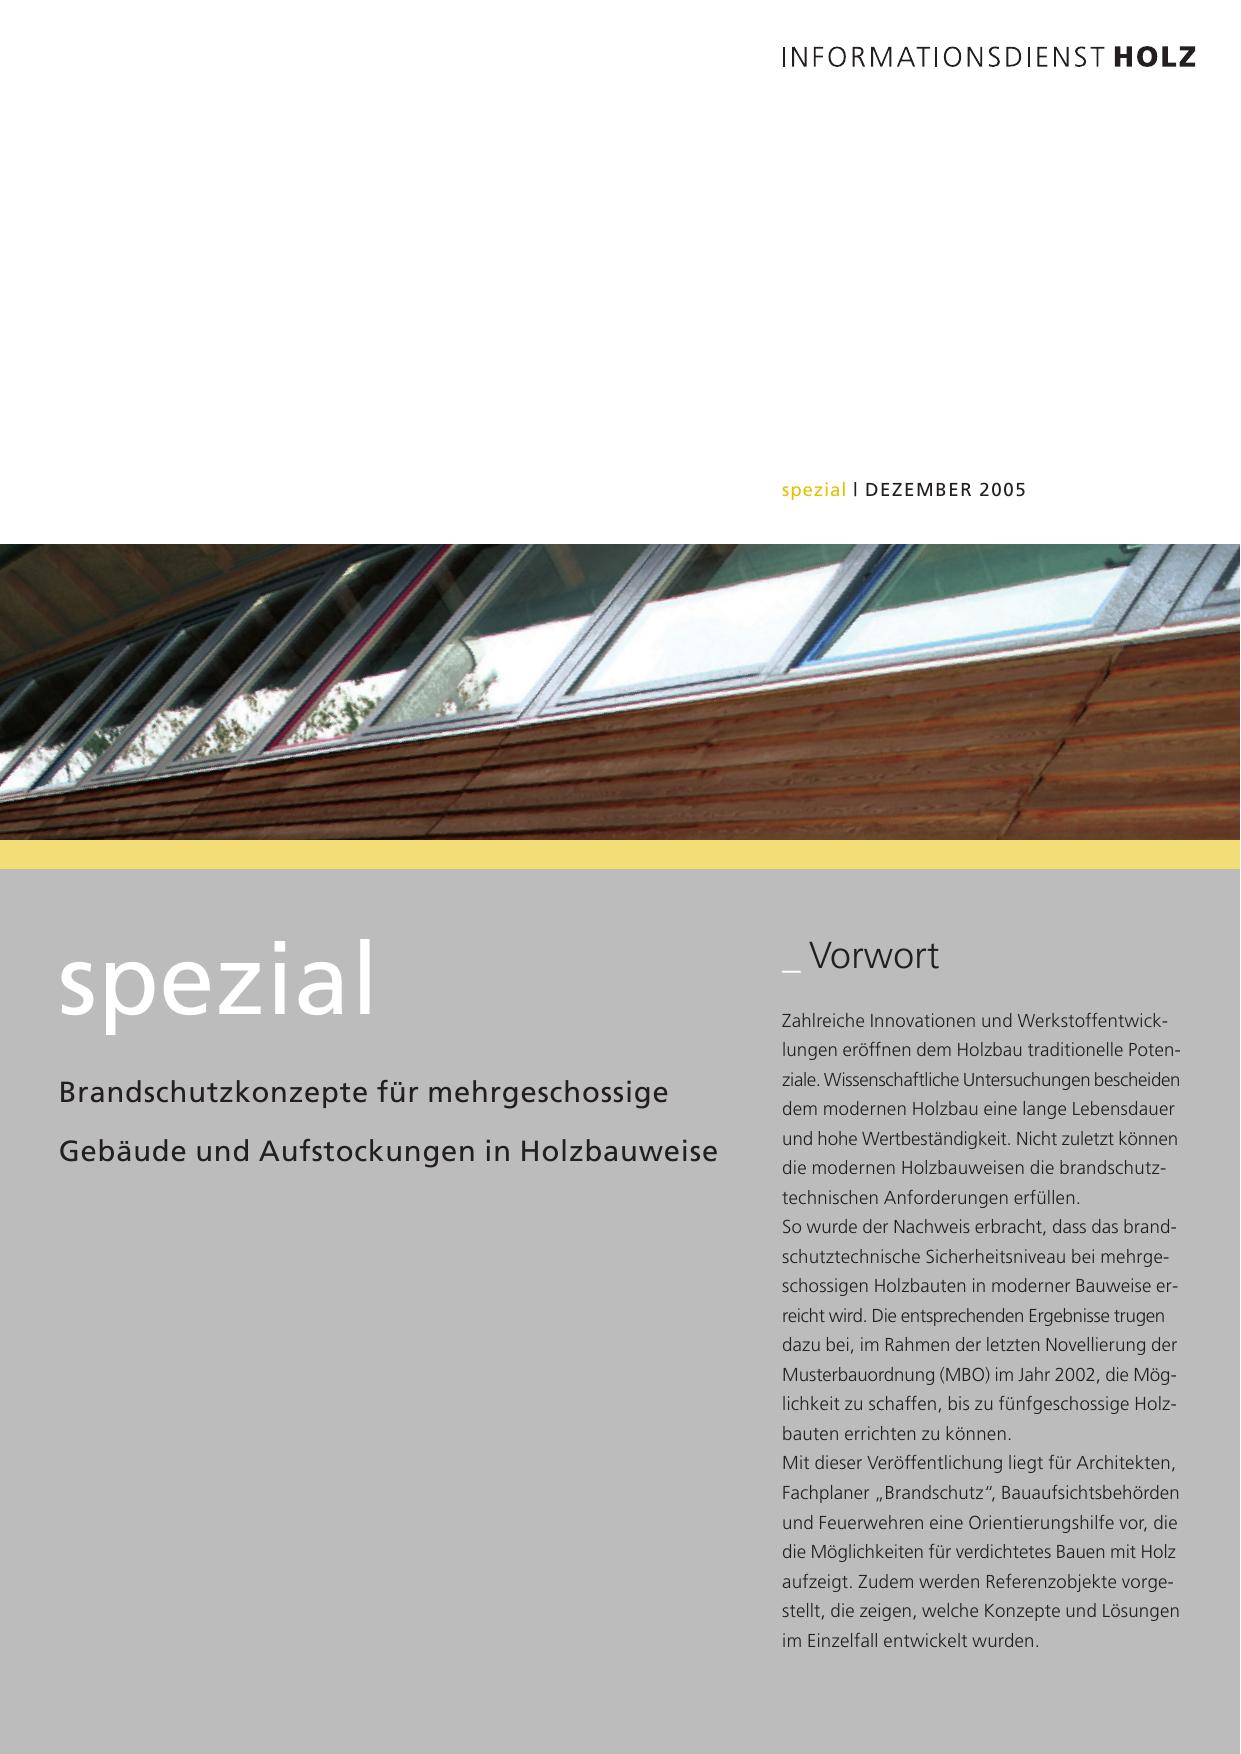 Informationsdienst Holz spezial: Brandschutzkonzepte für